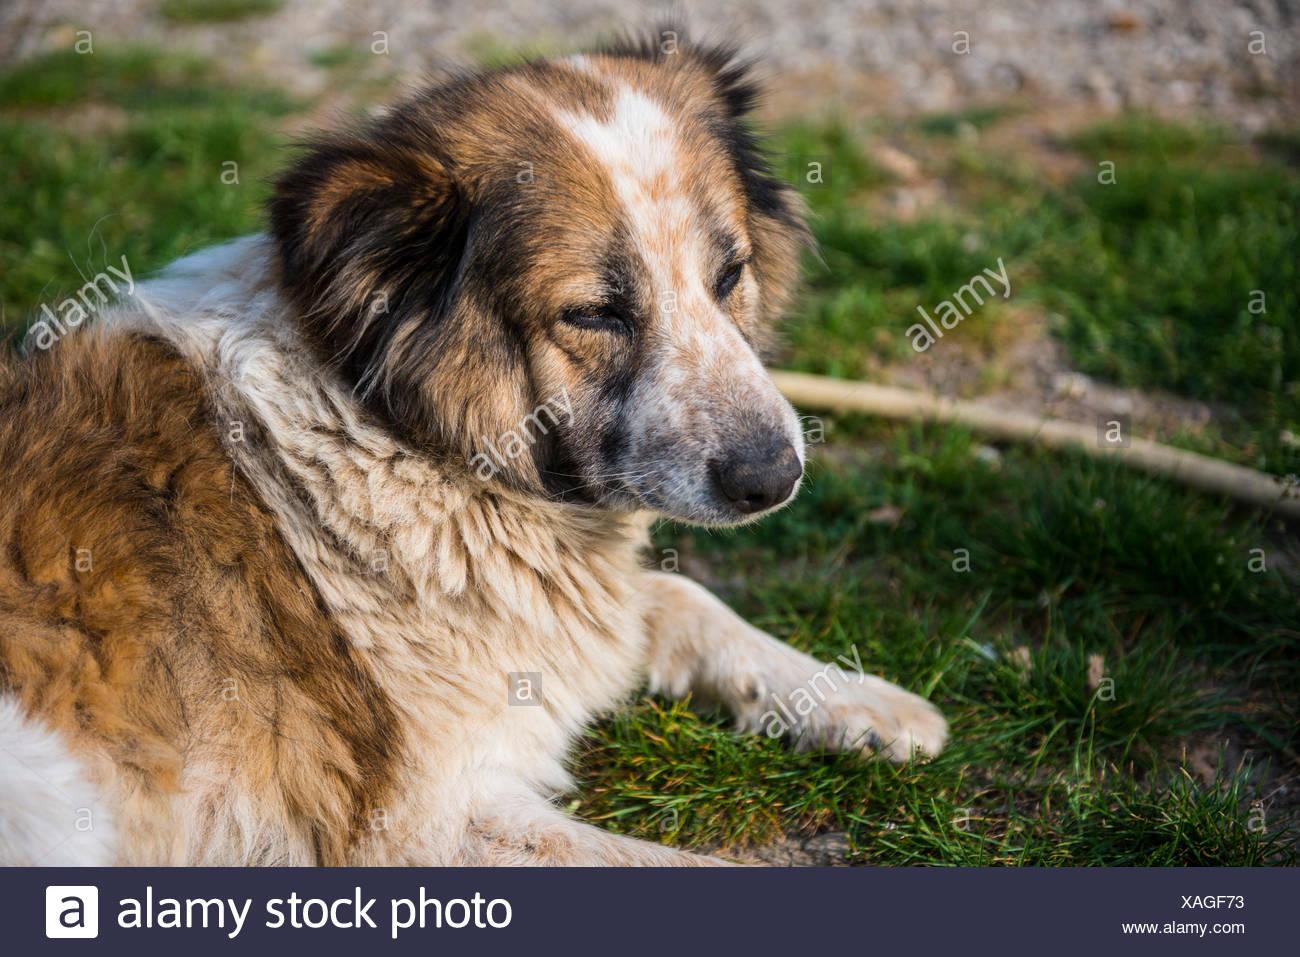 L'Italia, Toscana, bianco e marrone di fur cane relax su una strada sterrata prestando attenzione a qualcosa di Immagini Stock